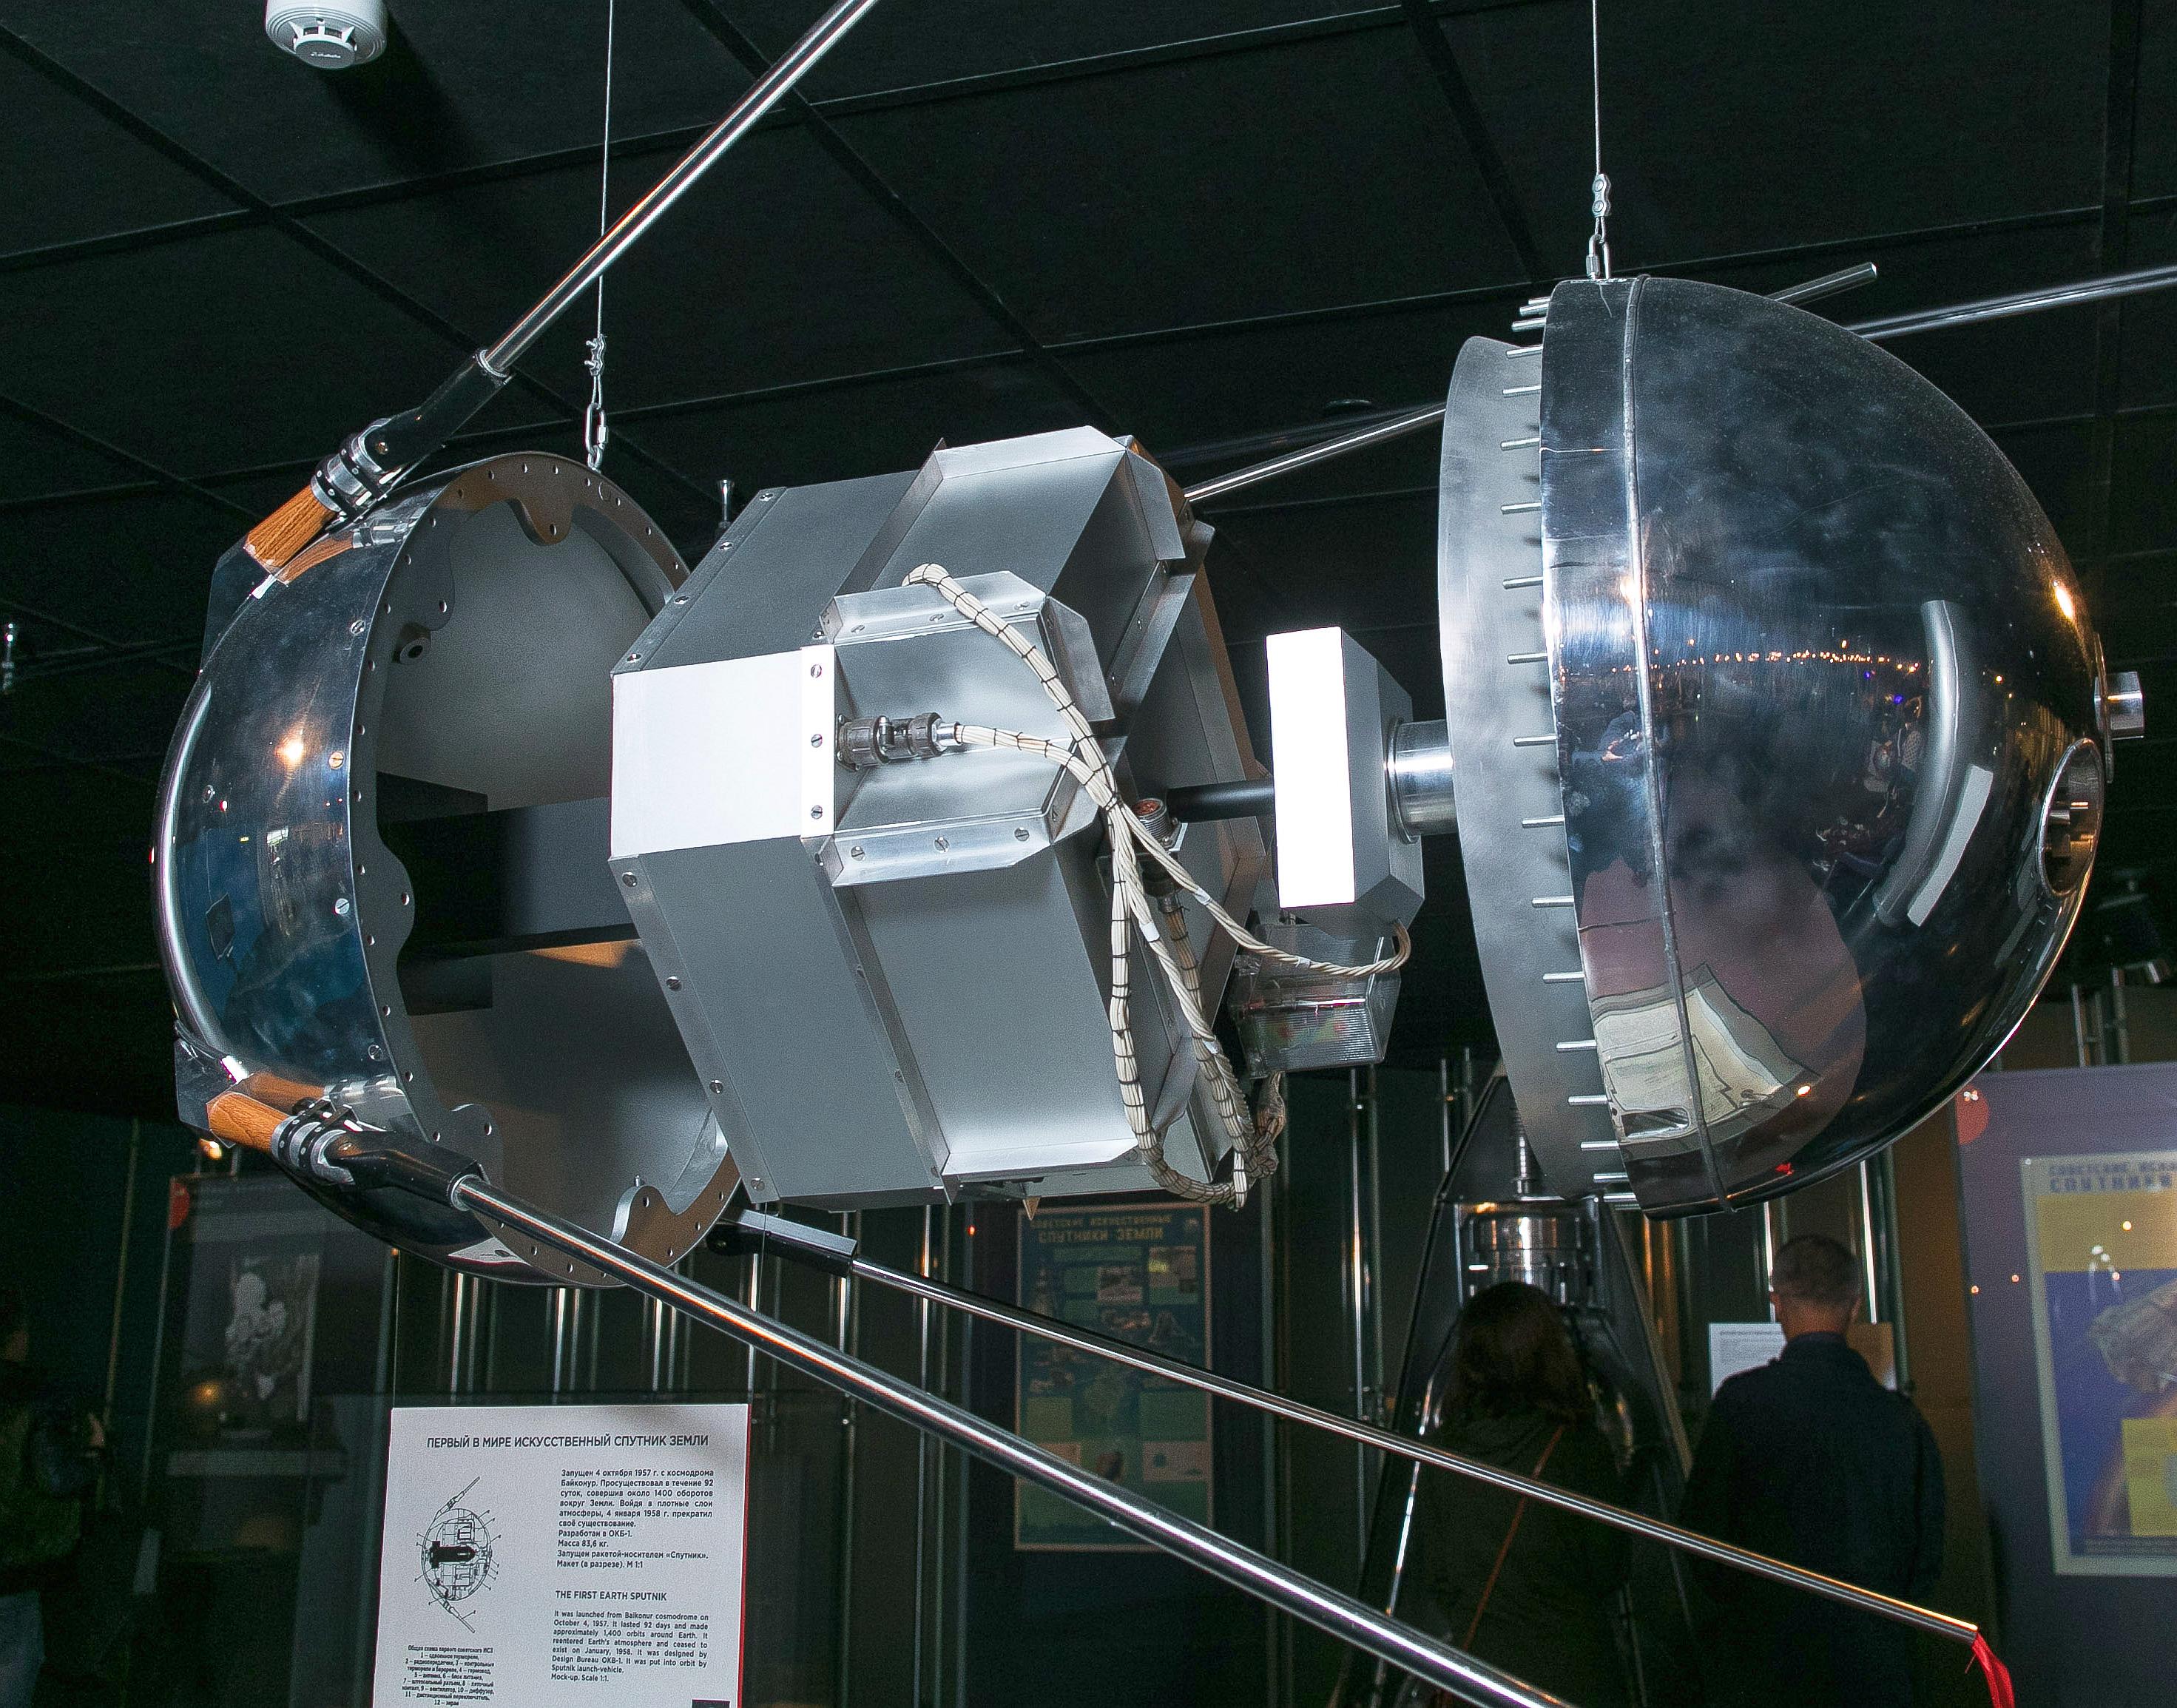 This Week in Rocket History: Sputnik 1